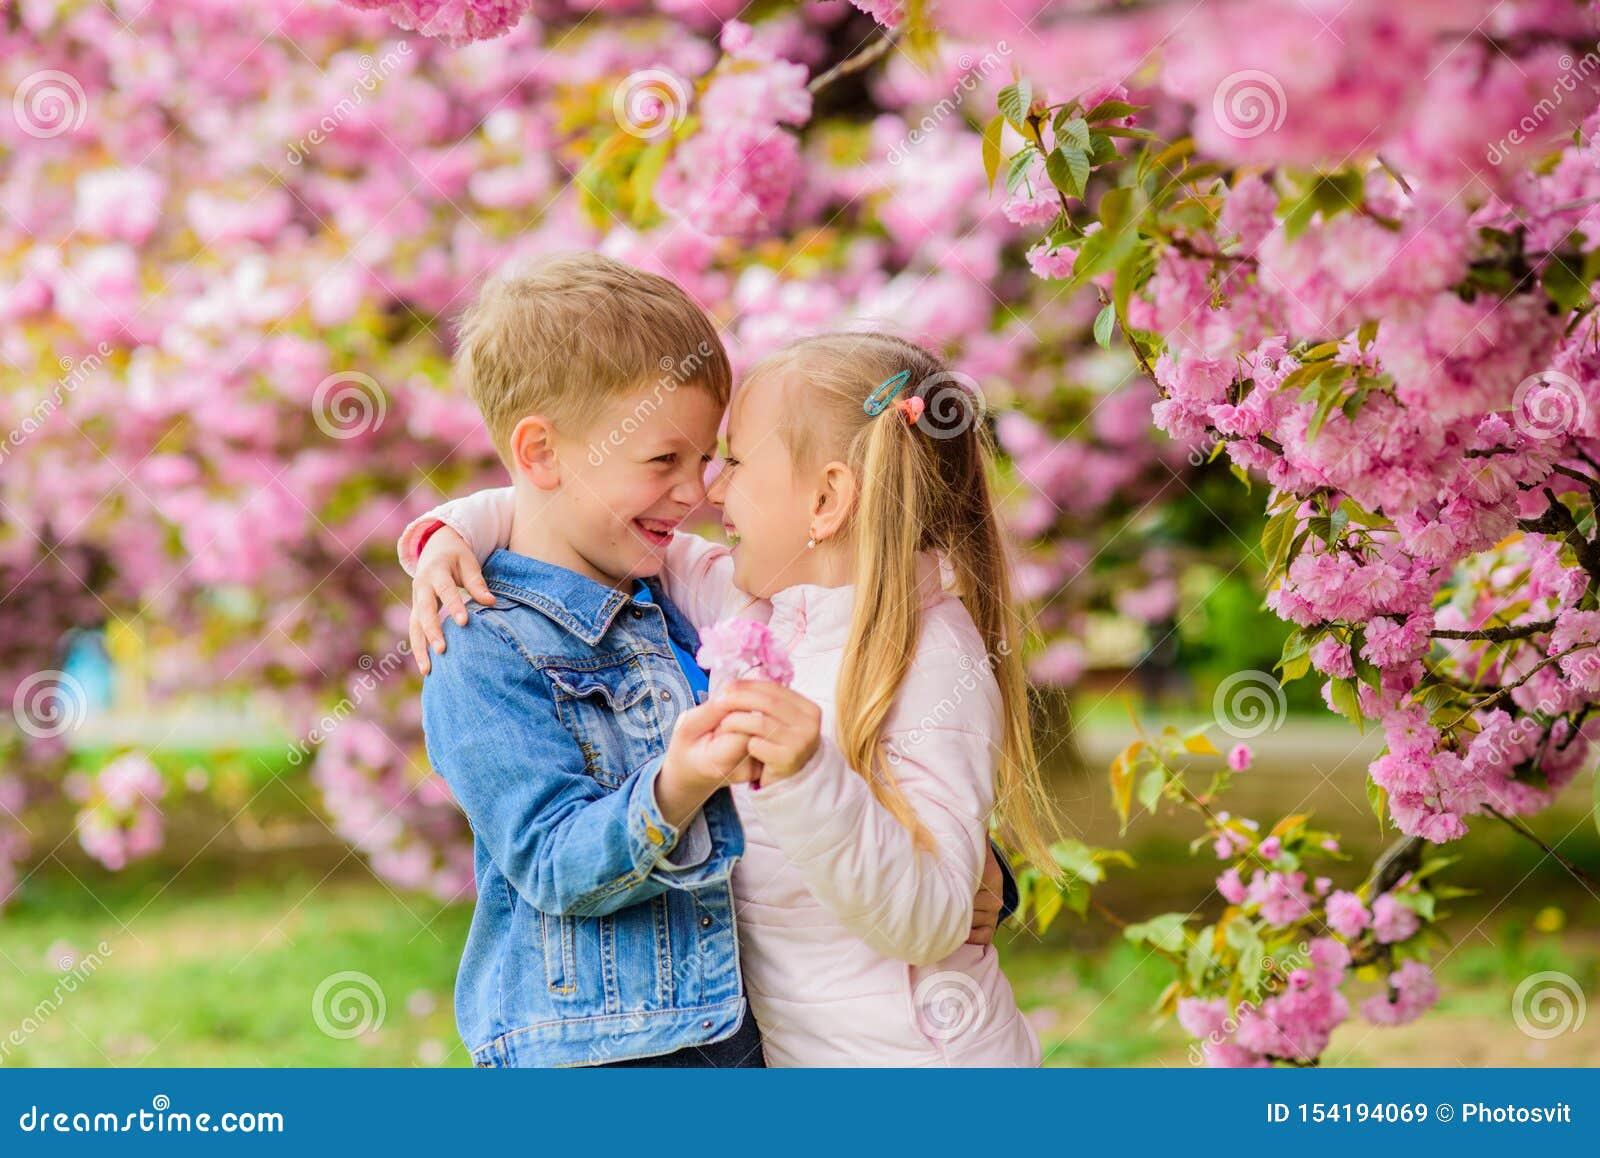 Sentimentos macios do amor Acople crian?as em flores do fundo da ?rvore de sakura A menina aprecia flores da mola Dando toda